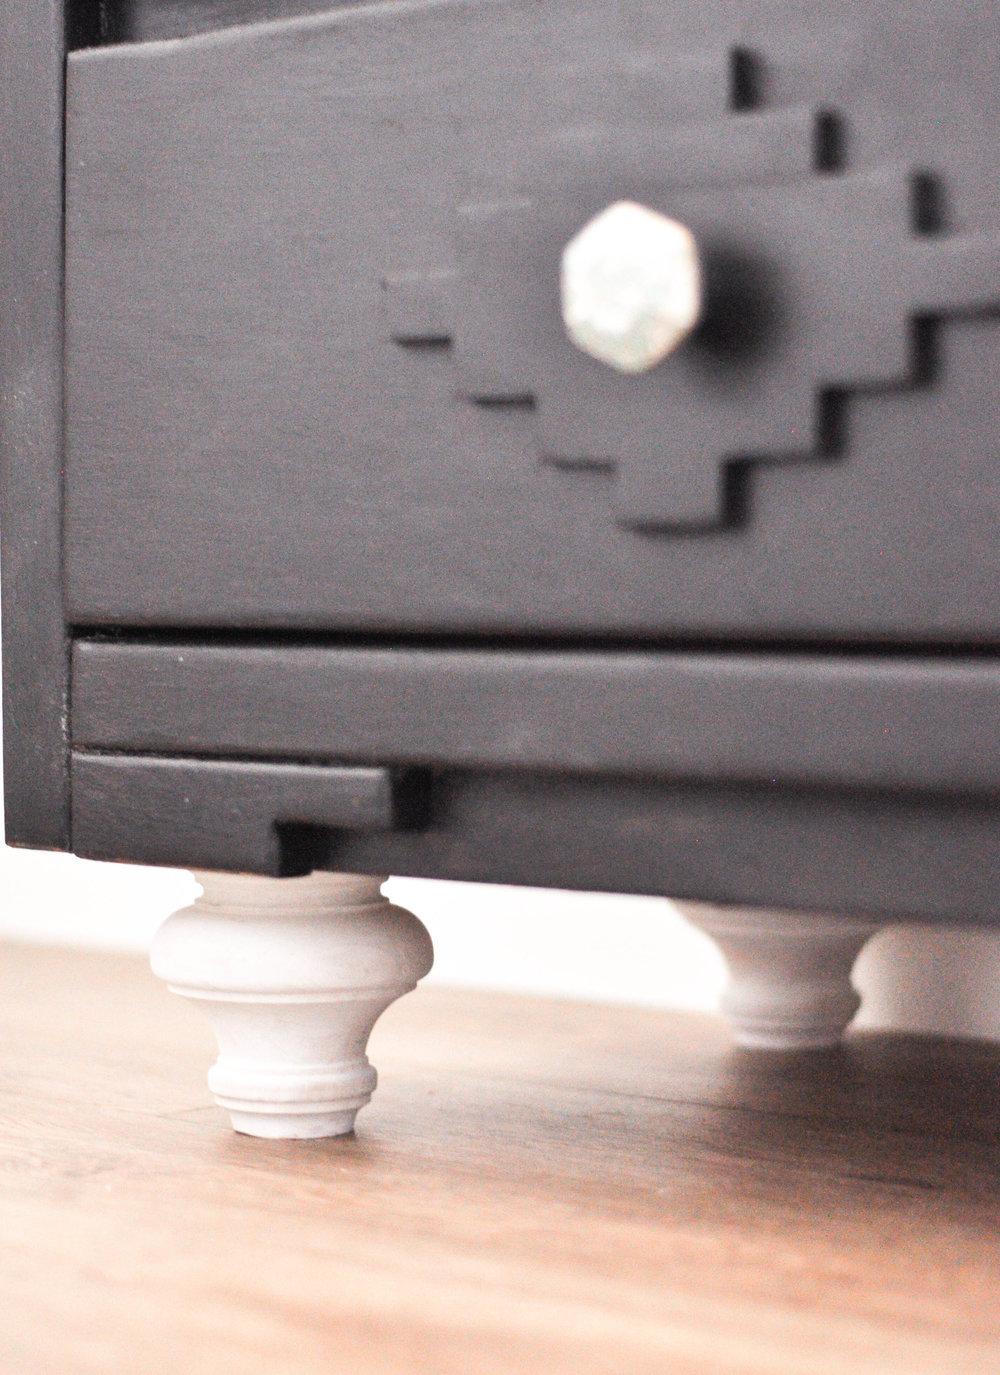 DIY-Painted-Dresser-9.jpg